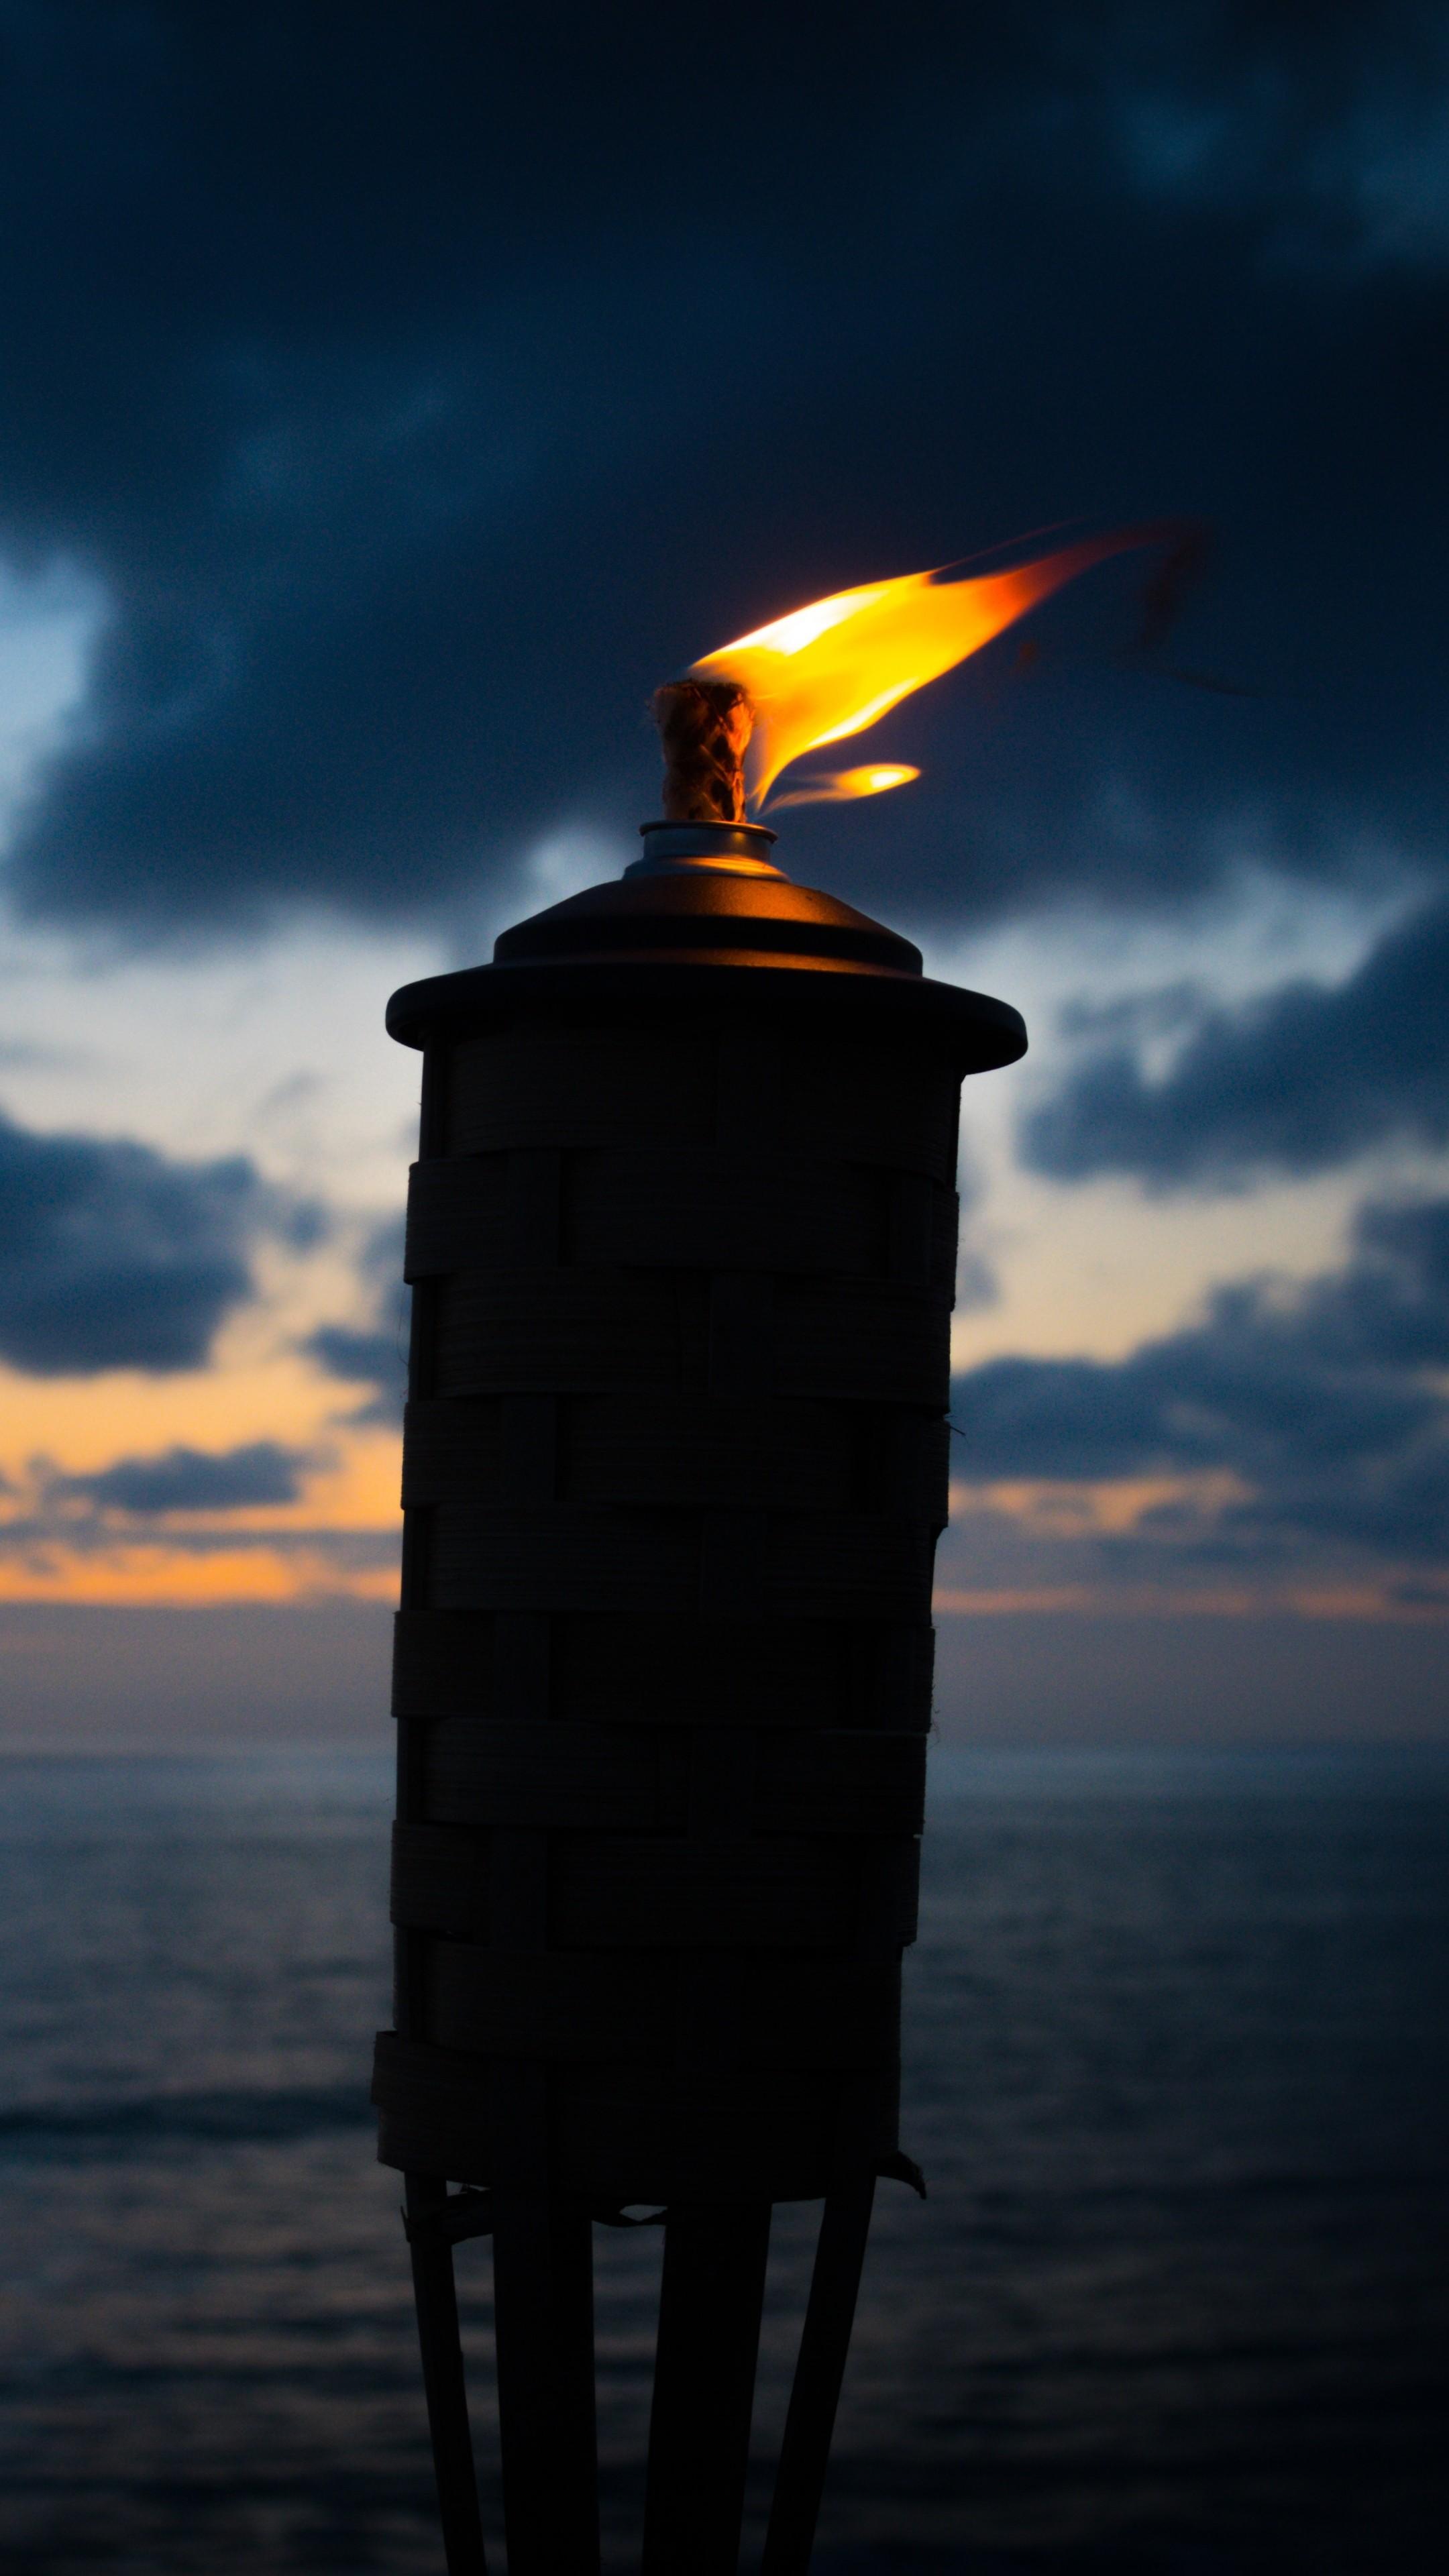 Torch Fire Wick Night Wallpaper   [2160x3840] 2160x3840